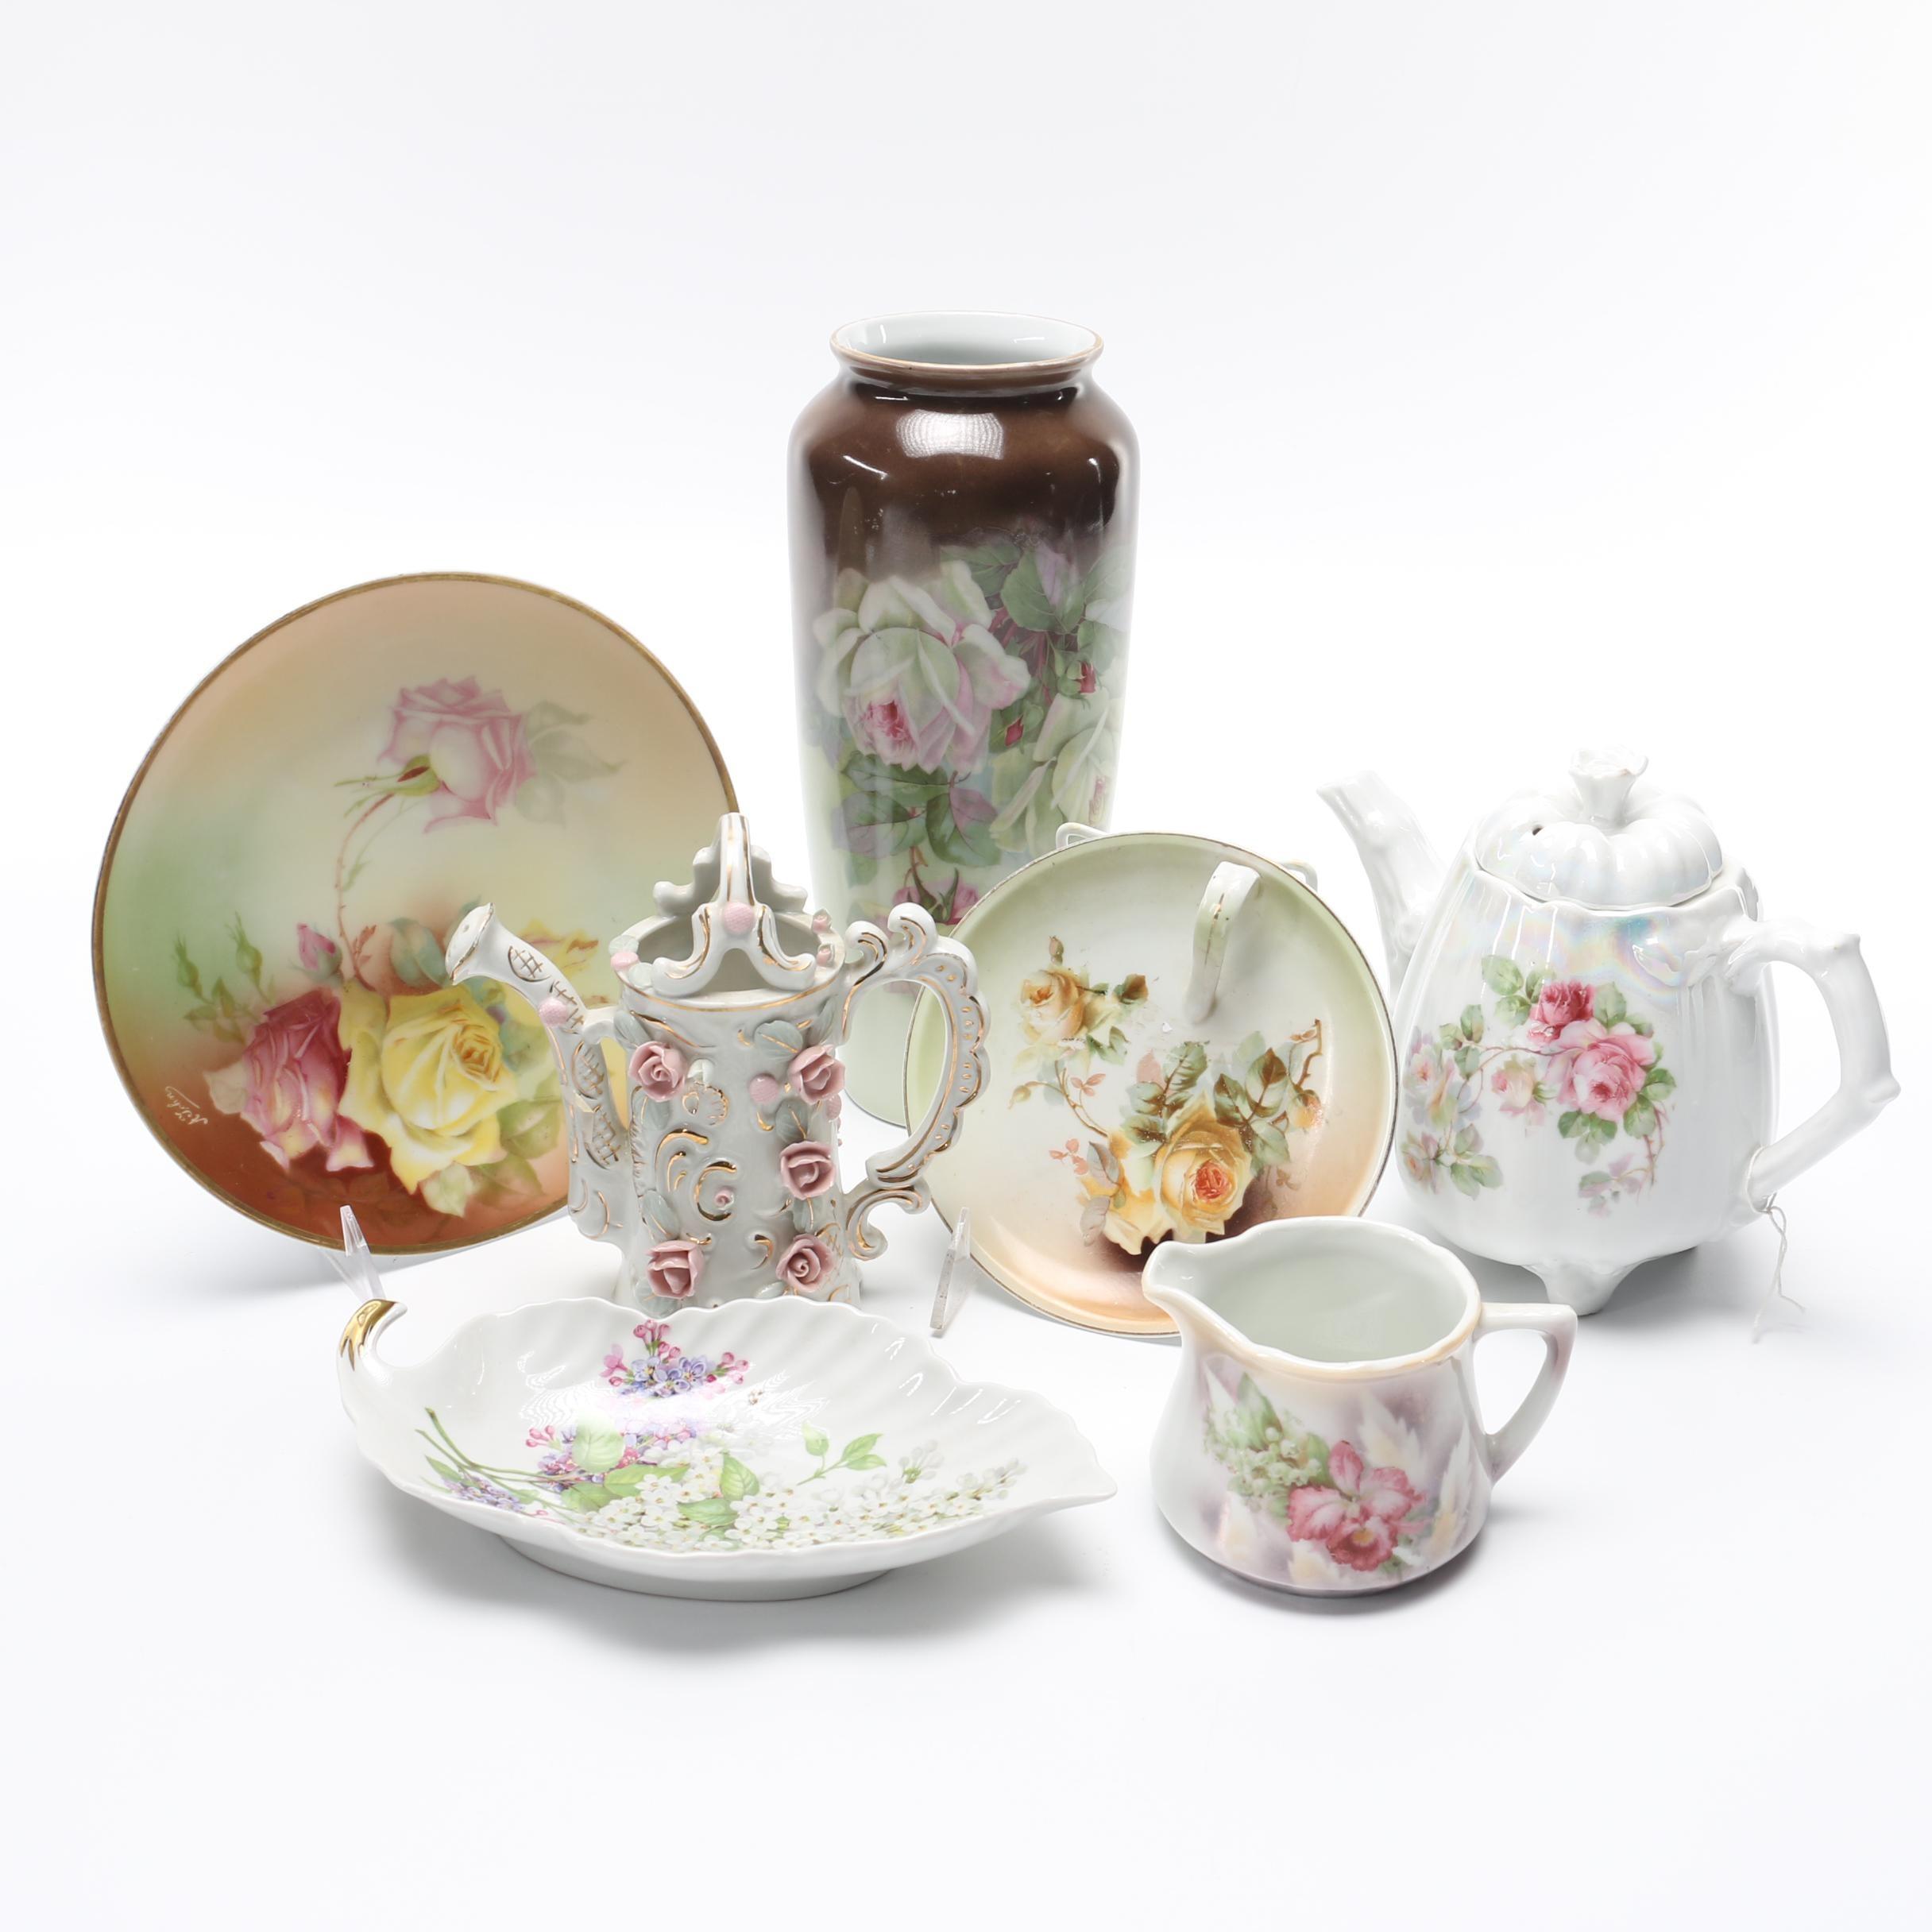 Floral Porcelain